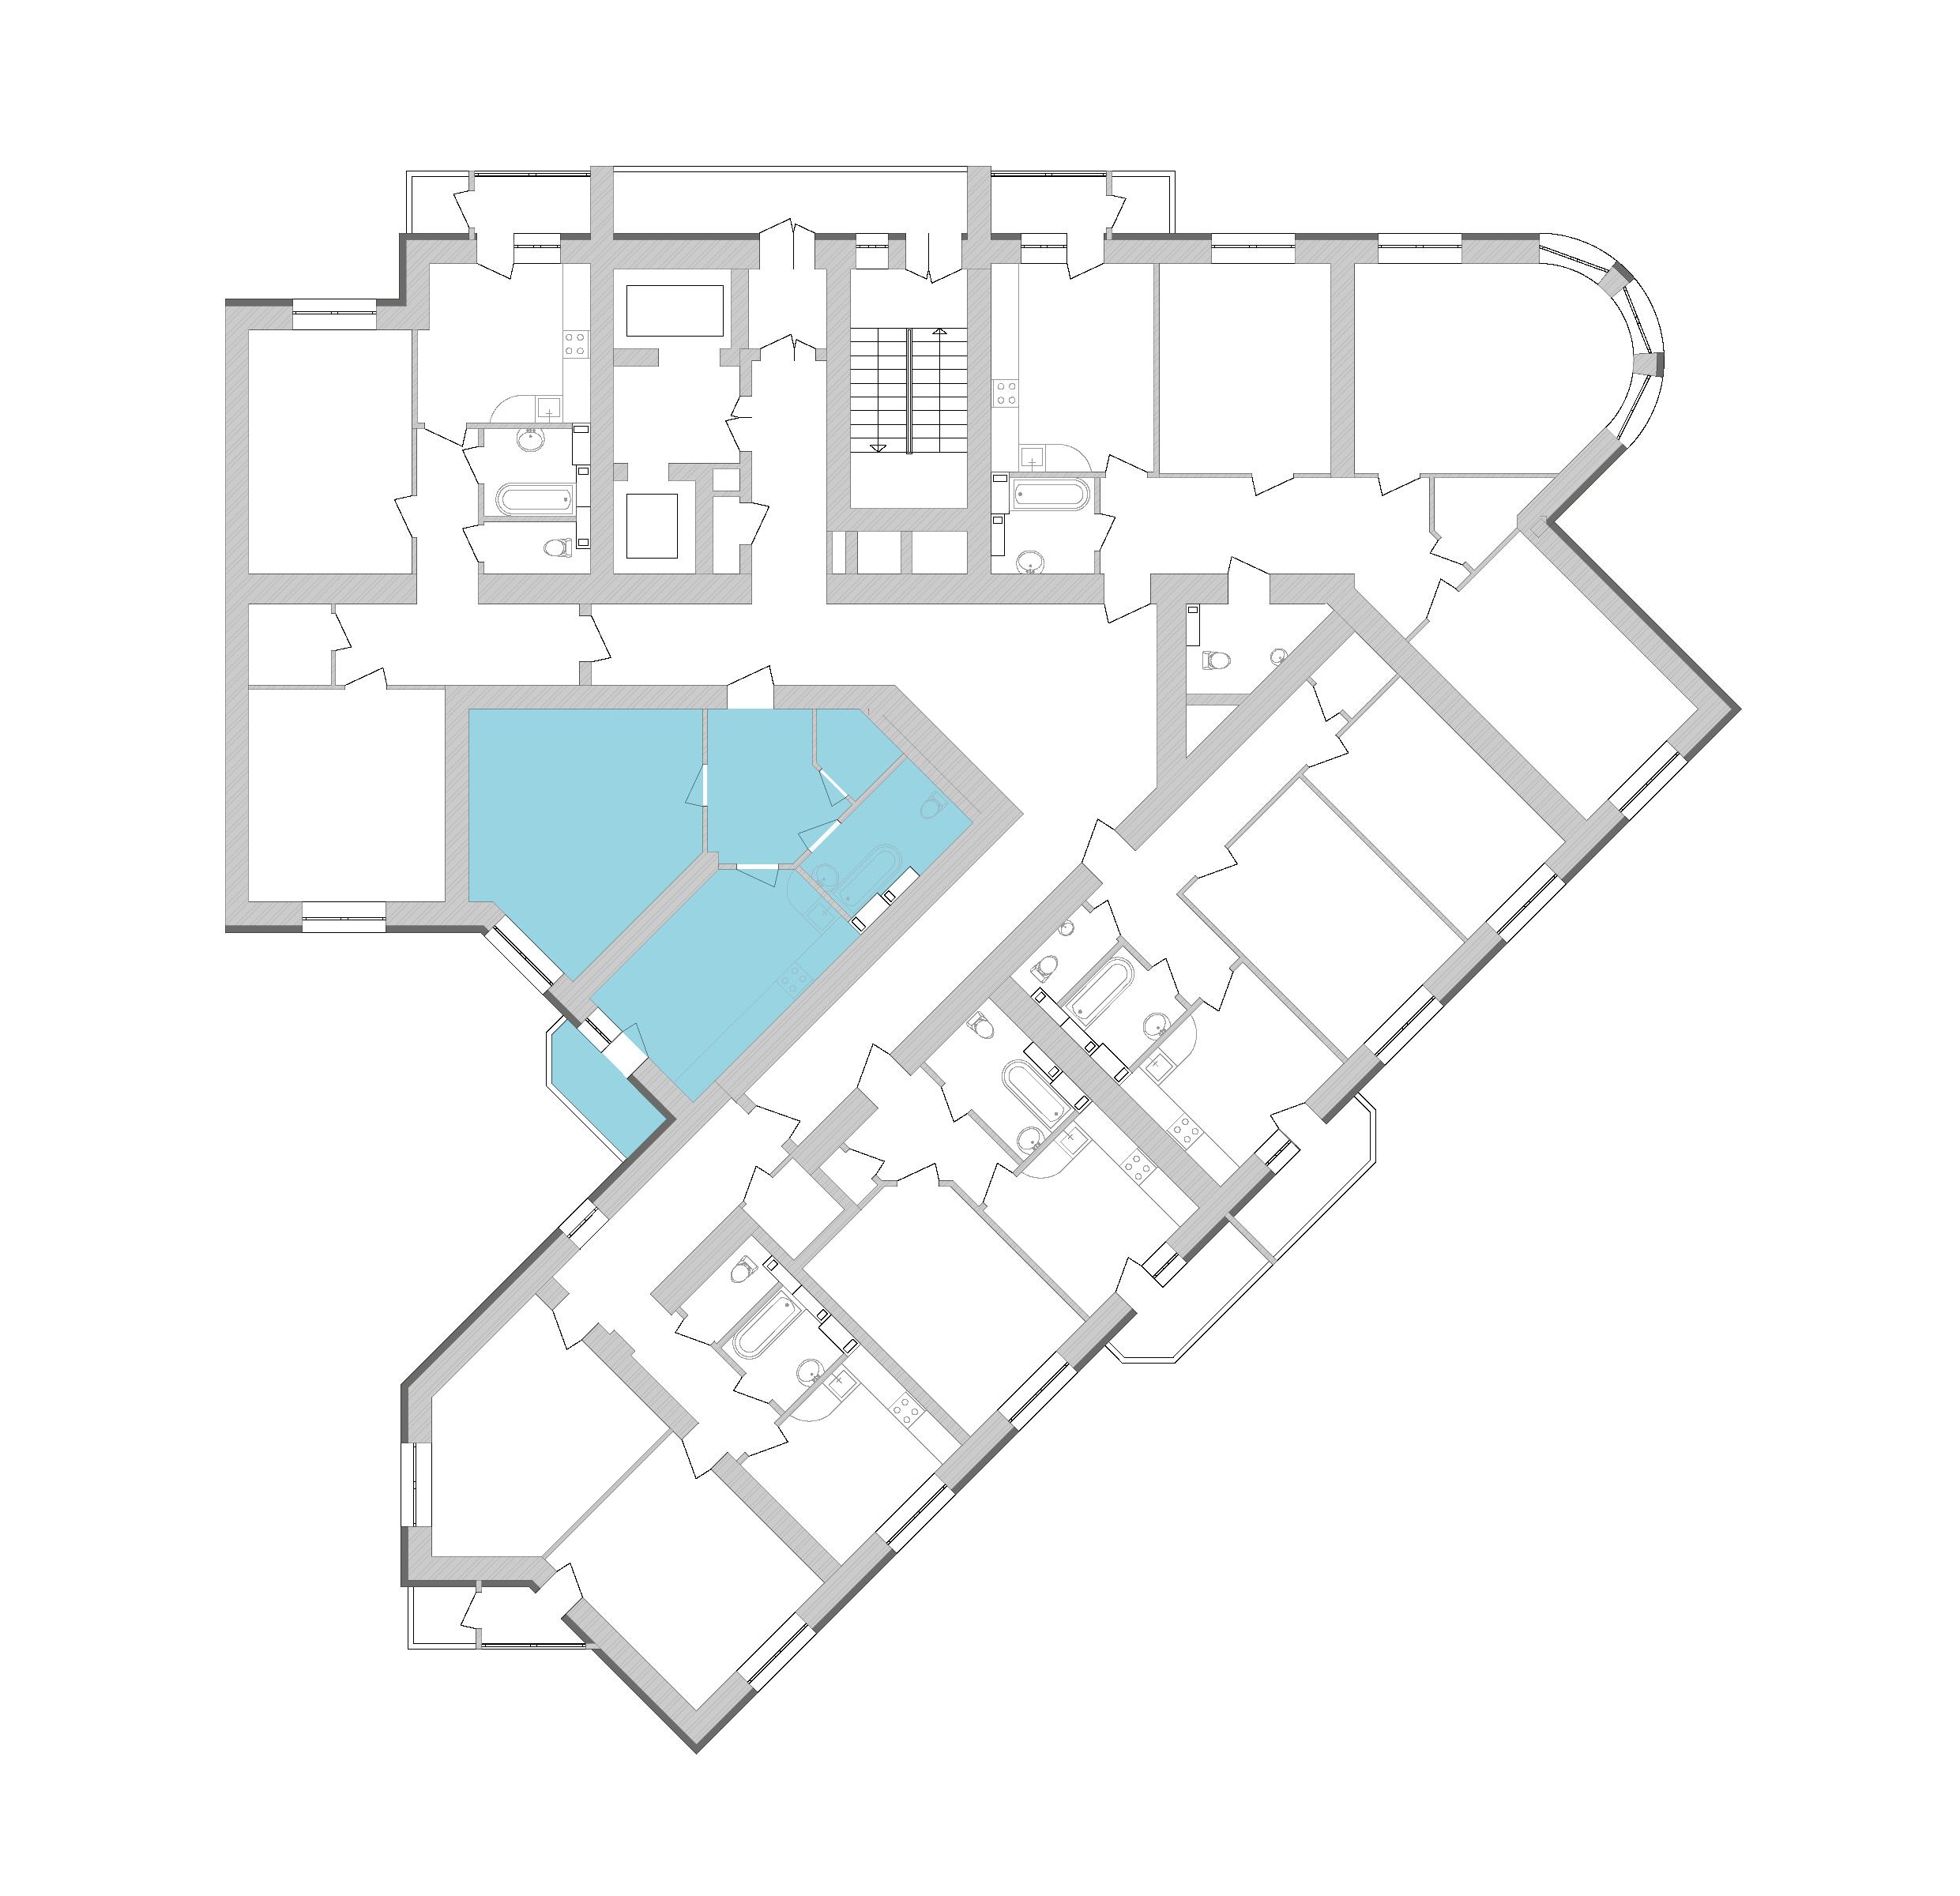 Однокімнатна квартира 56,56 кв.м., тип 1.4, будинок 1, секція 9 розташування на поверсі